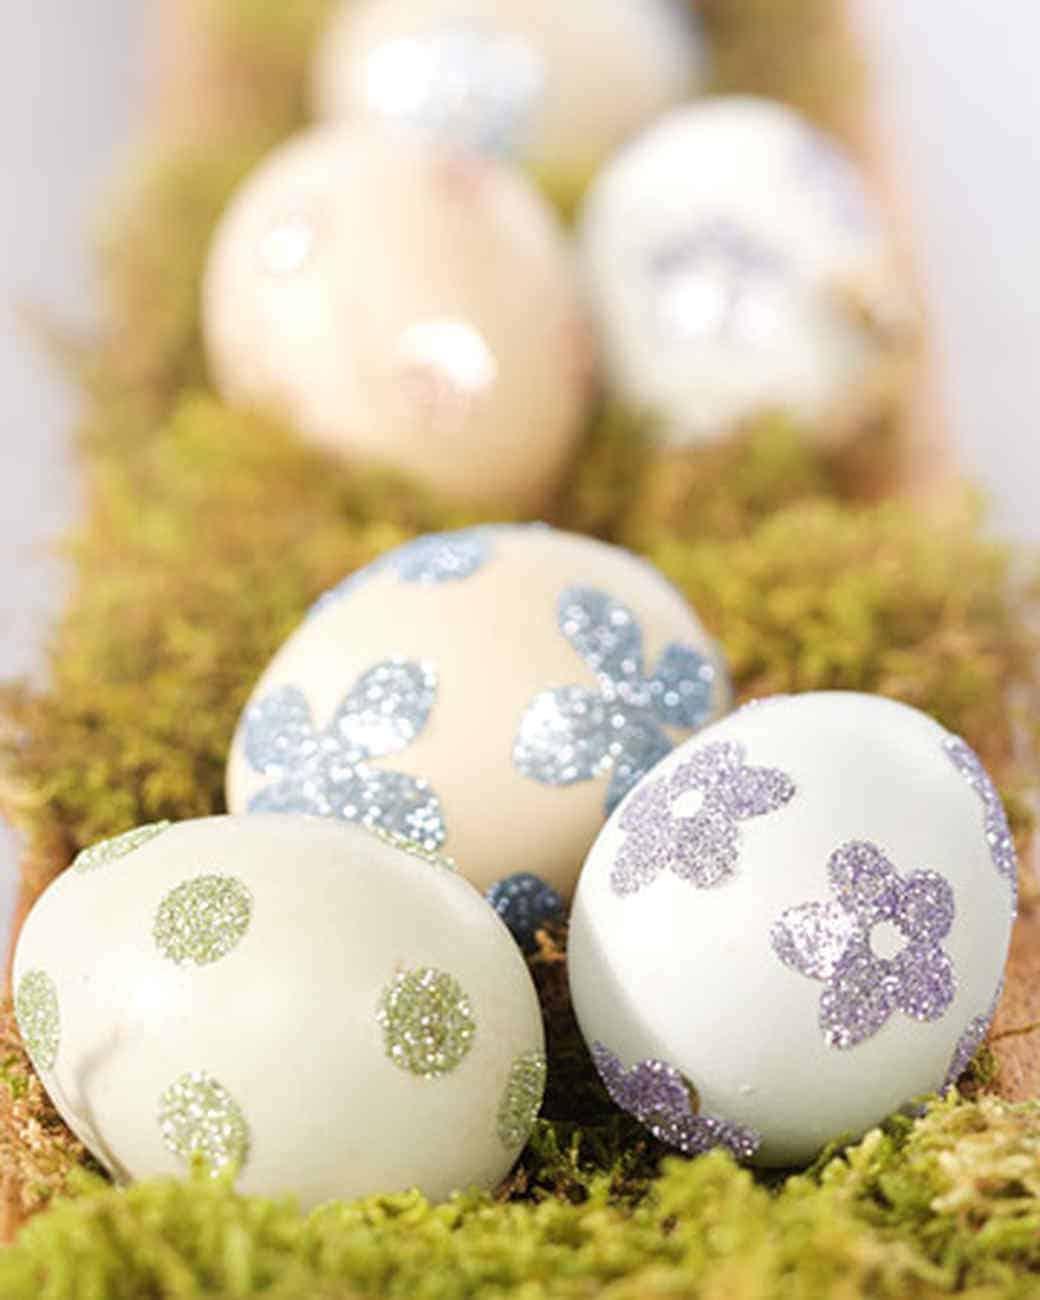 Ιδέες για βάψιμο πασχαλινών αυγών 6